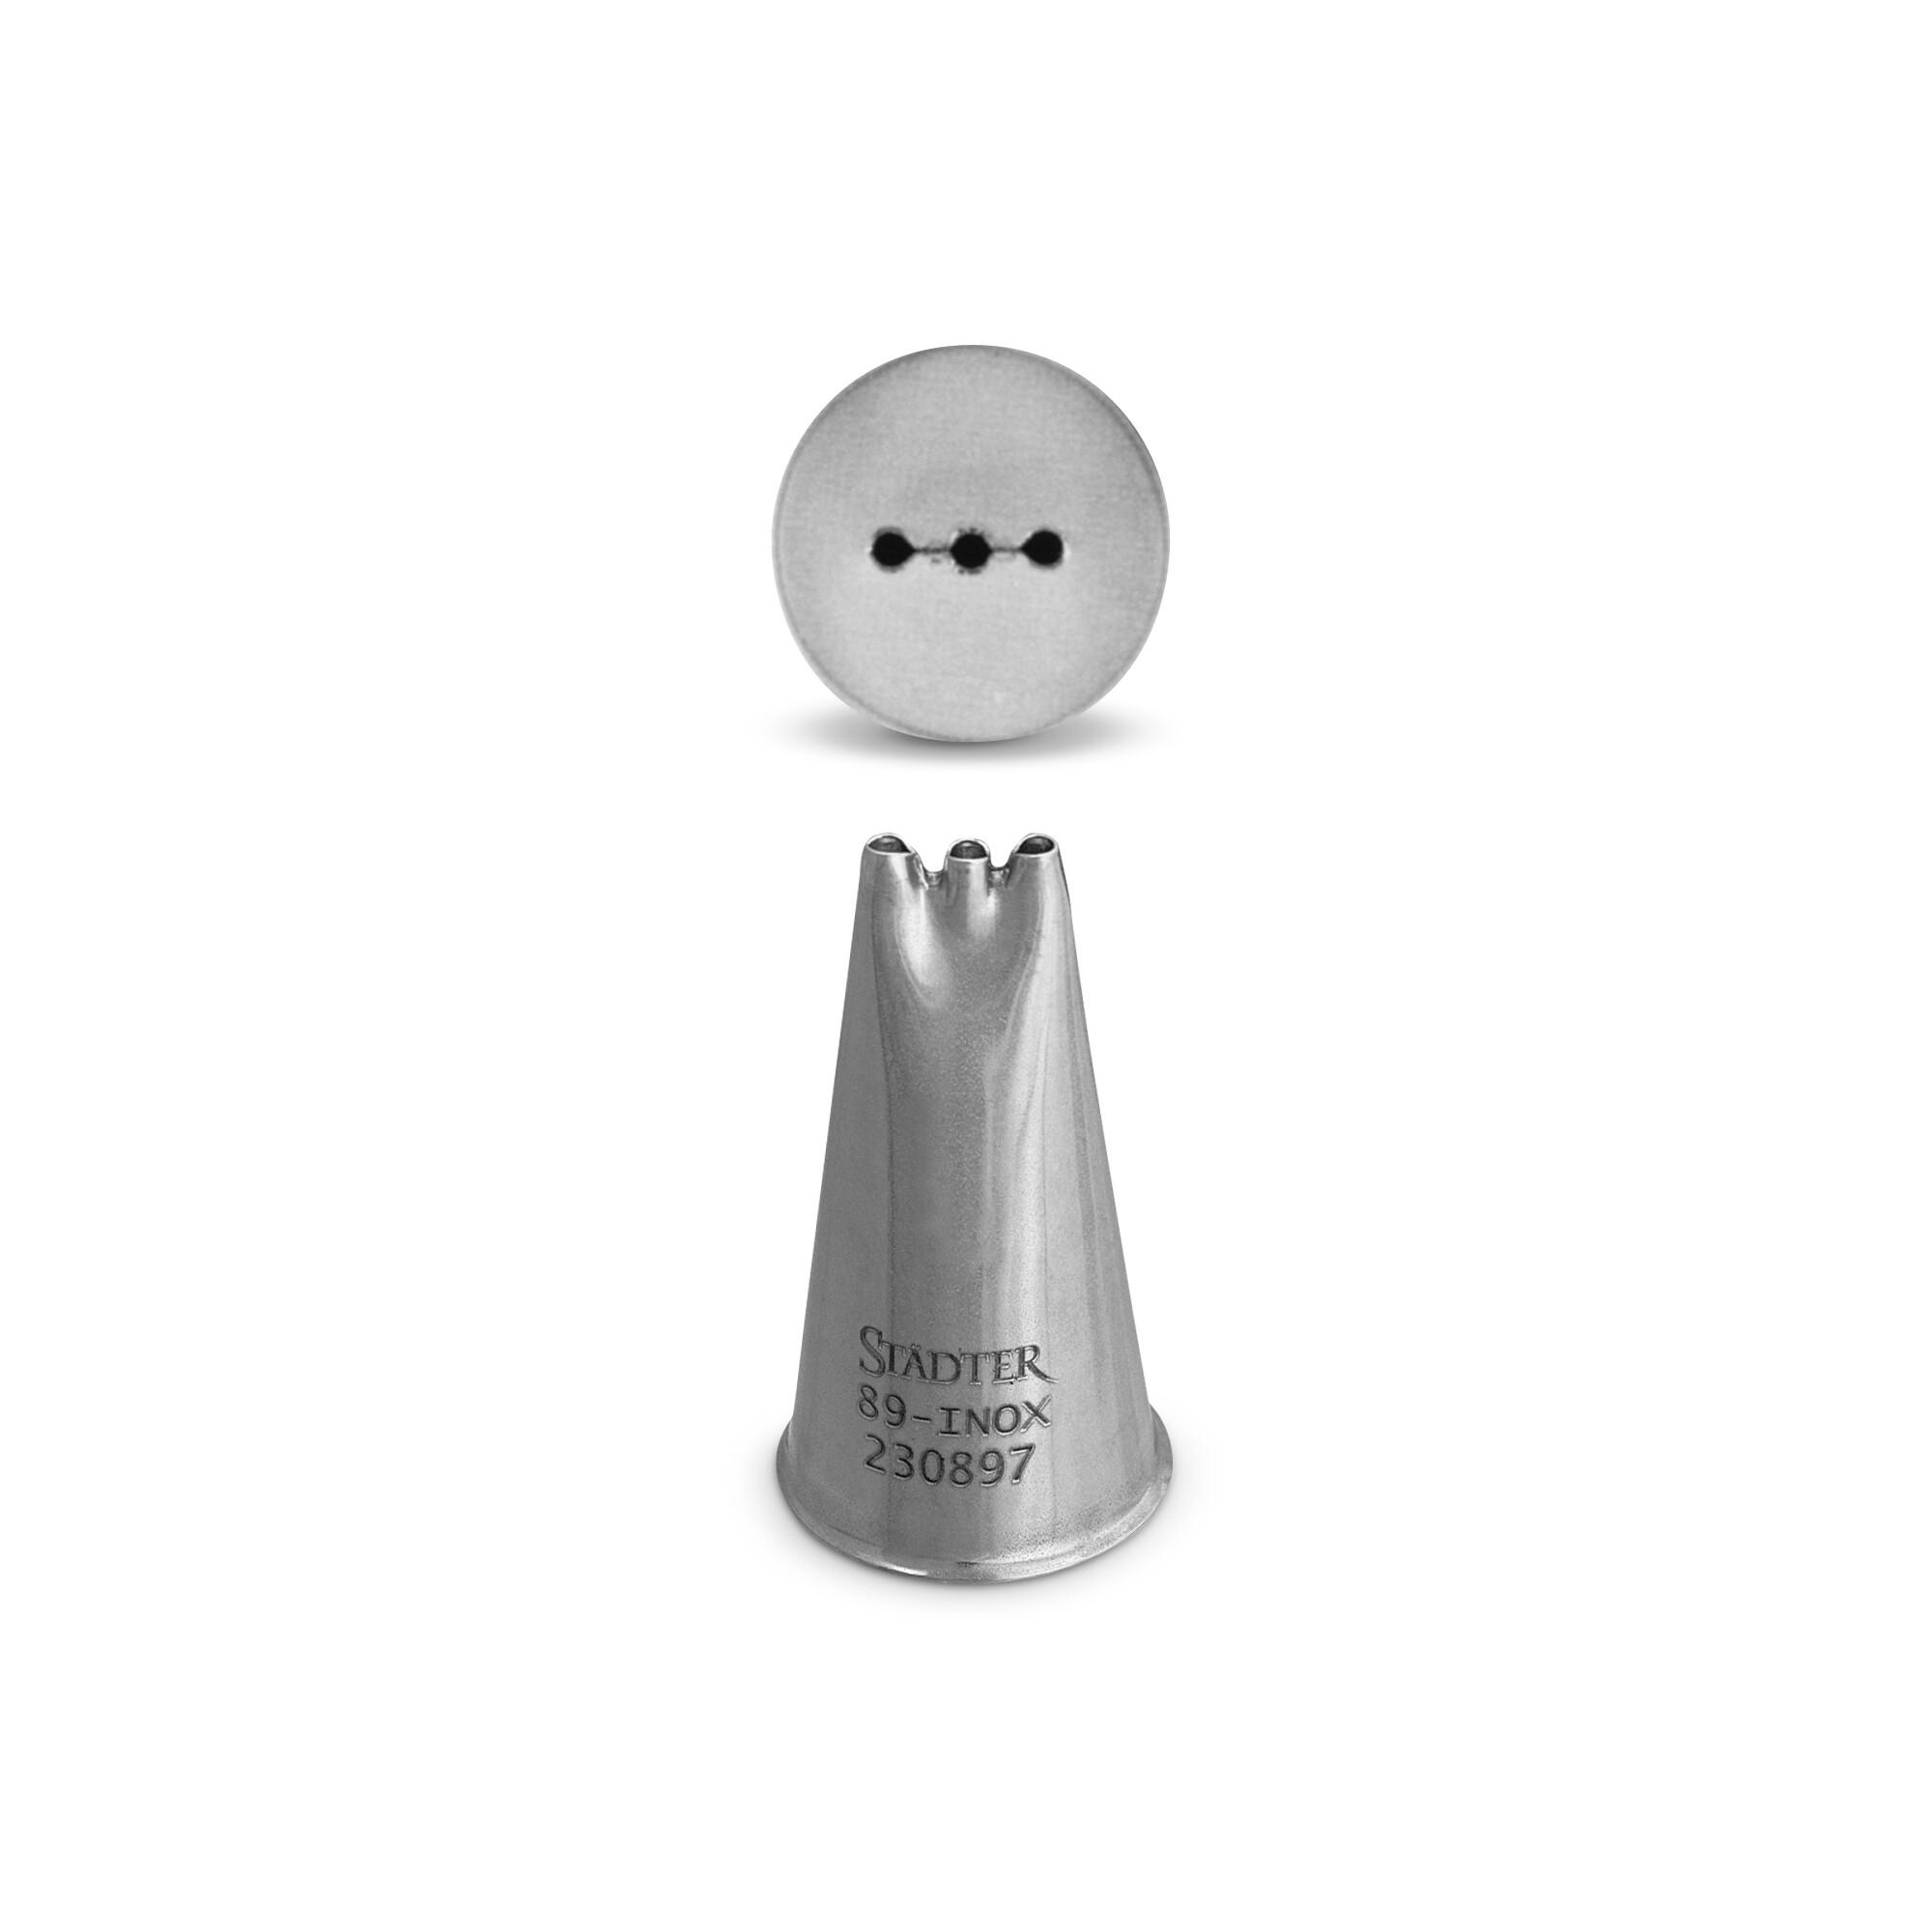 Fine Line - 3 hole nozzle - #89 - small